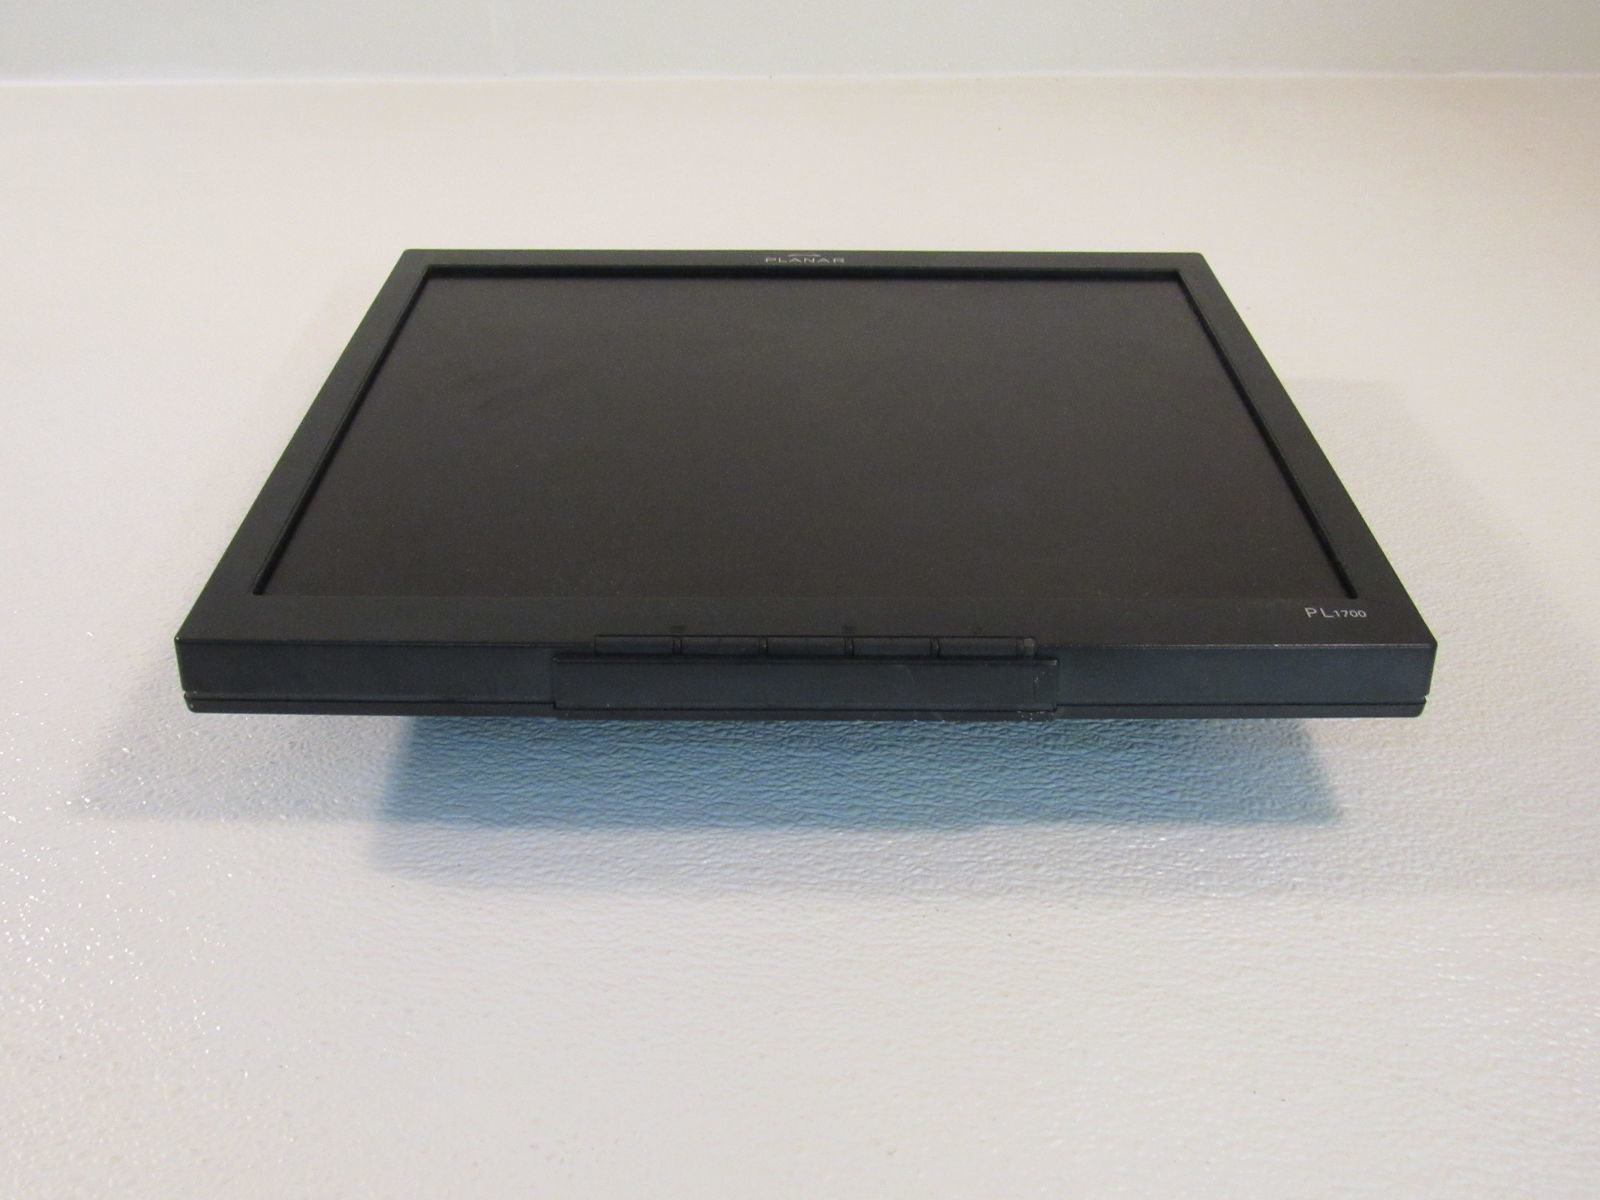 Planar Computer Monitor Flat Screen 17in LCD Black 1280 x 1024 SXGA PL-1700-BK